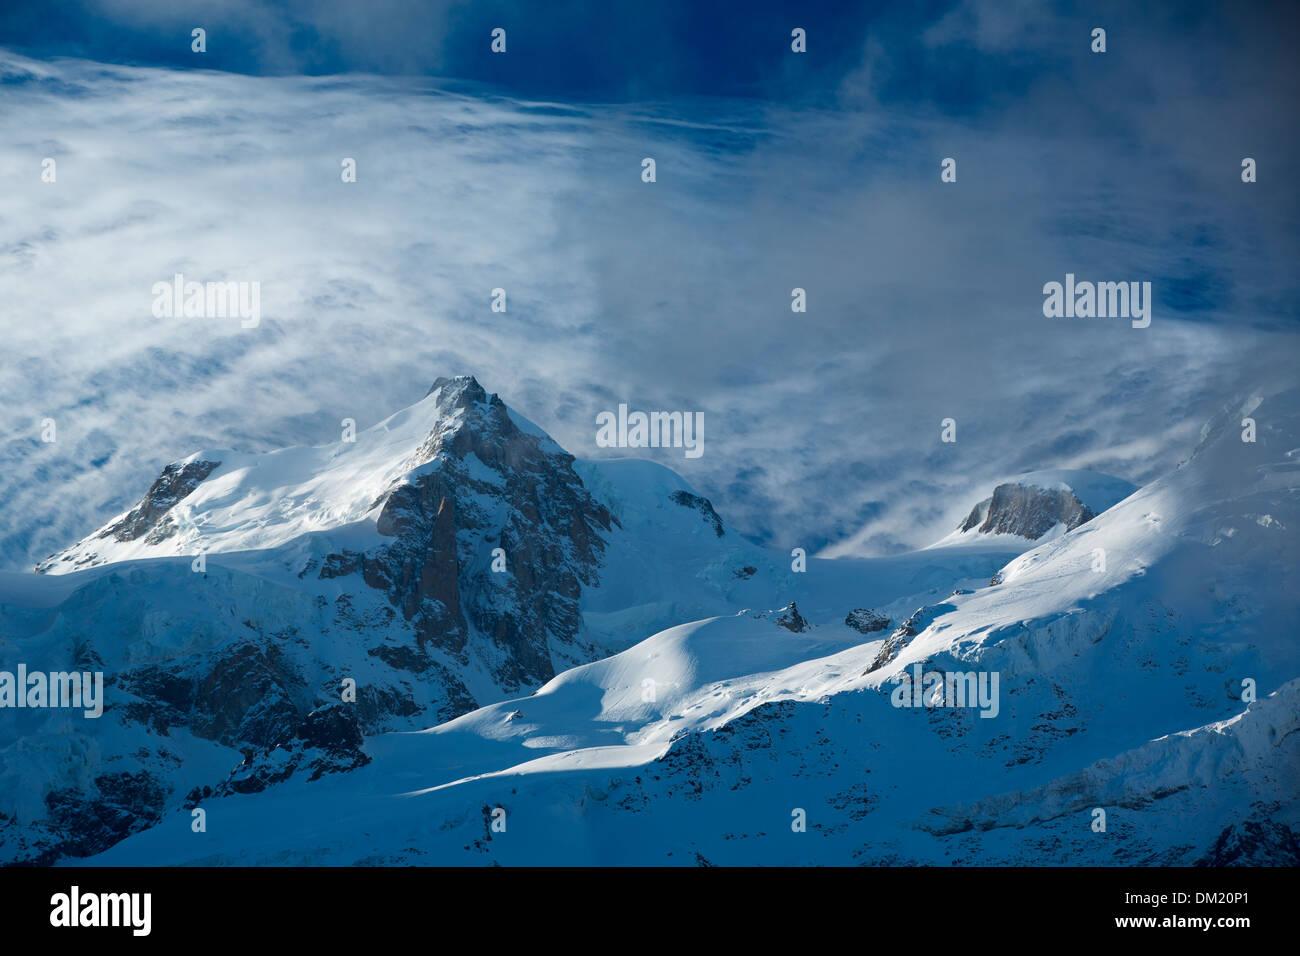 Mont Blanc du Tacul appearing through the clouds, les Alps, Haute-Savoie, France - Stock Image